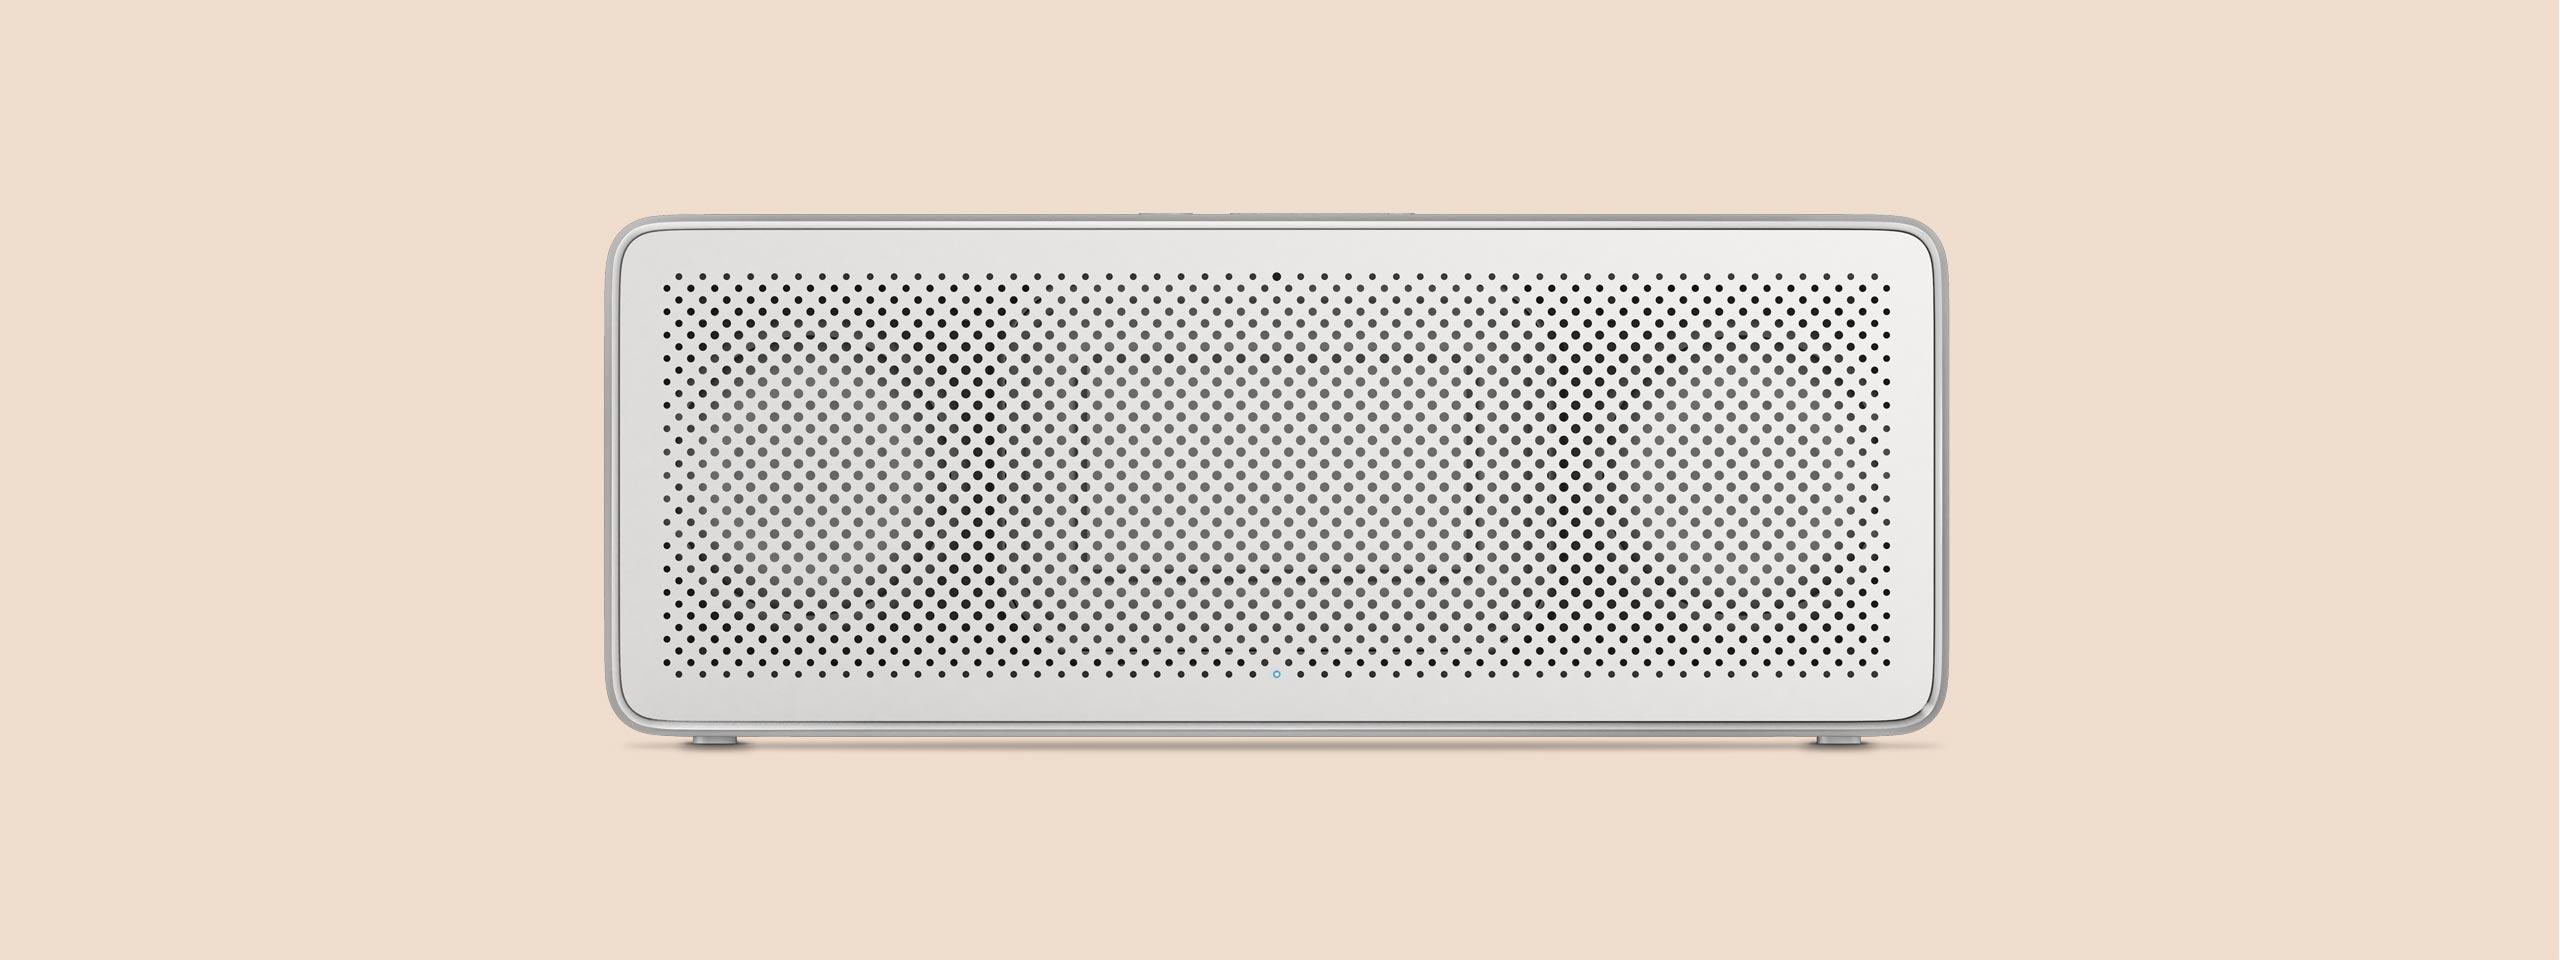 小米方盒子蓝牙音箱